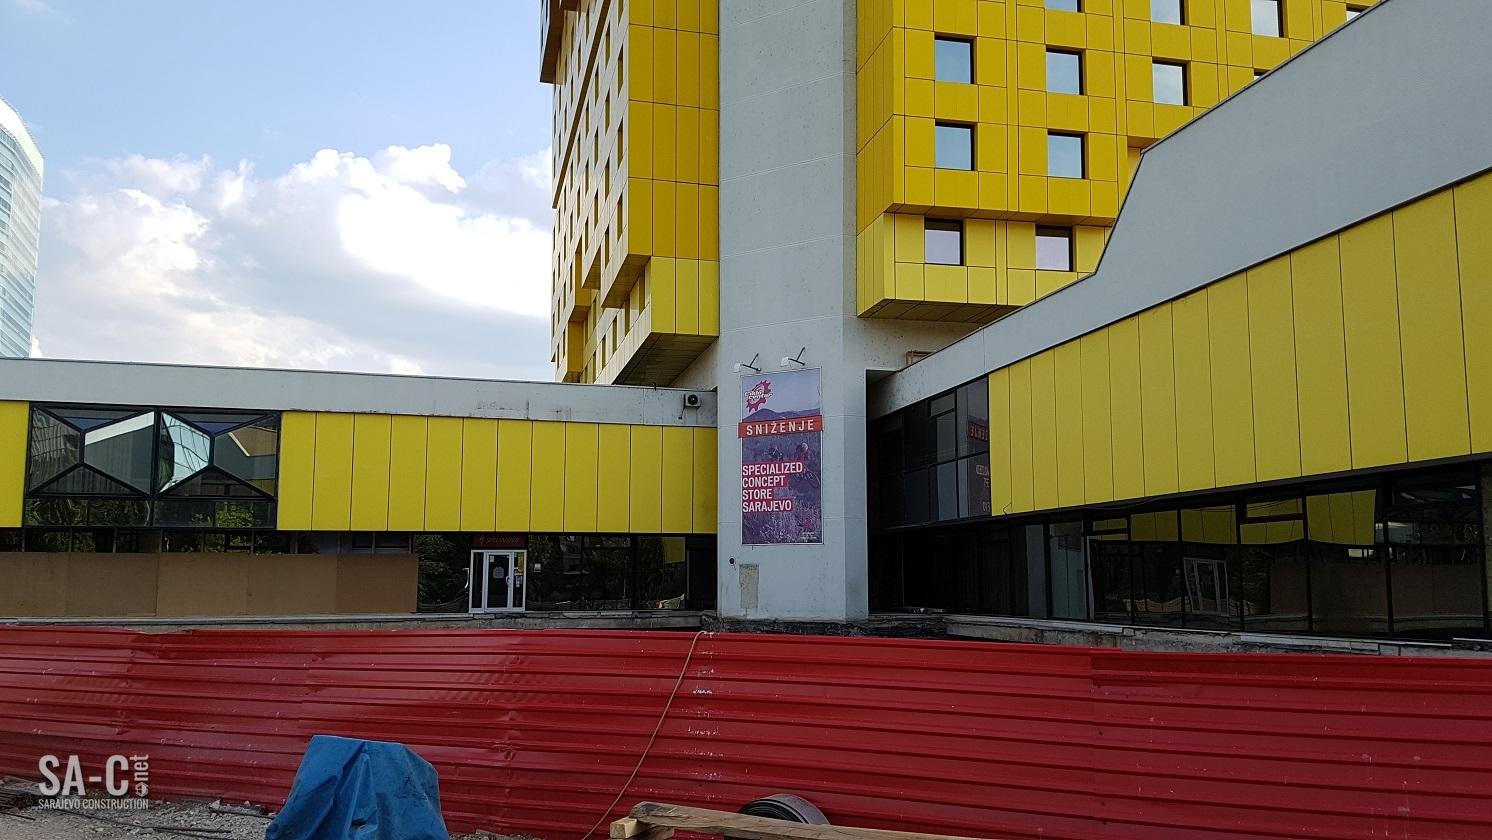 Multiplex Kino Fürth